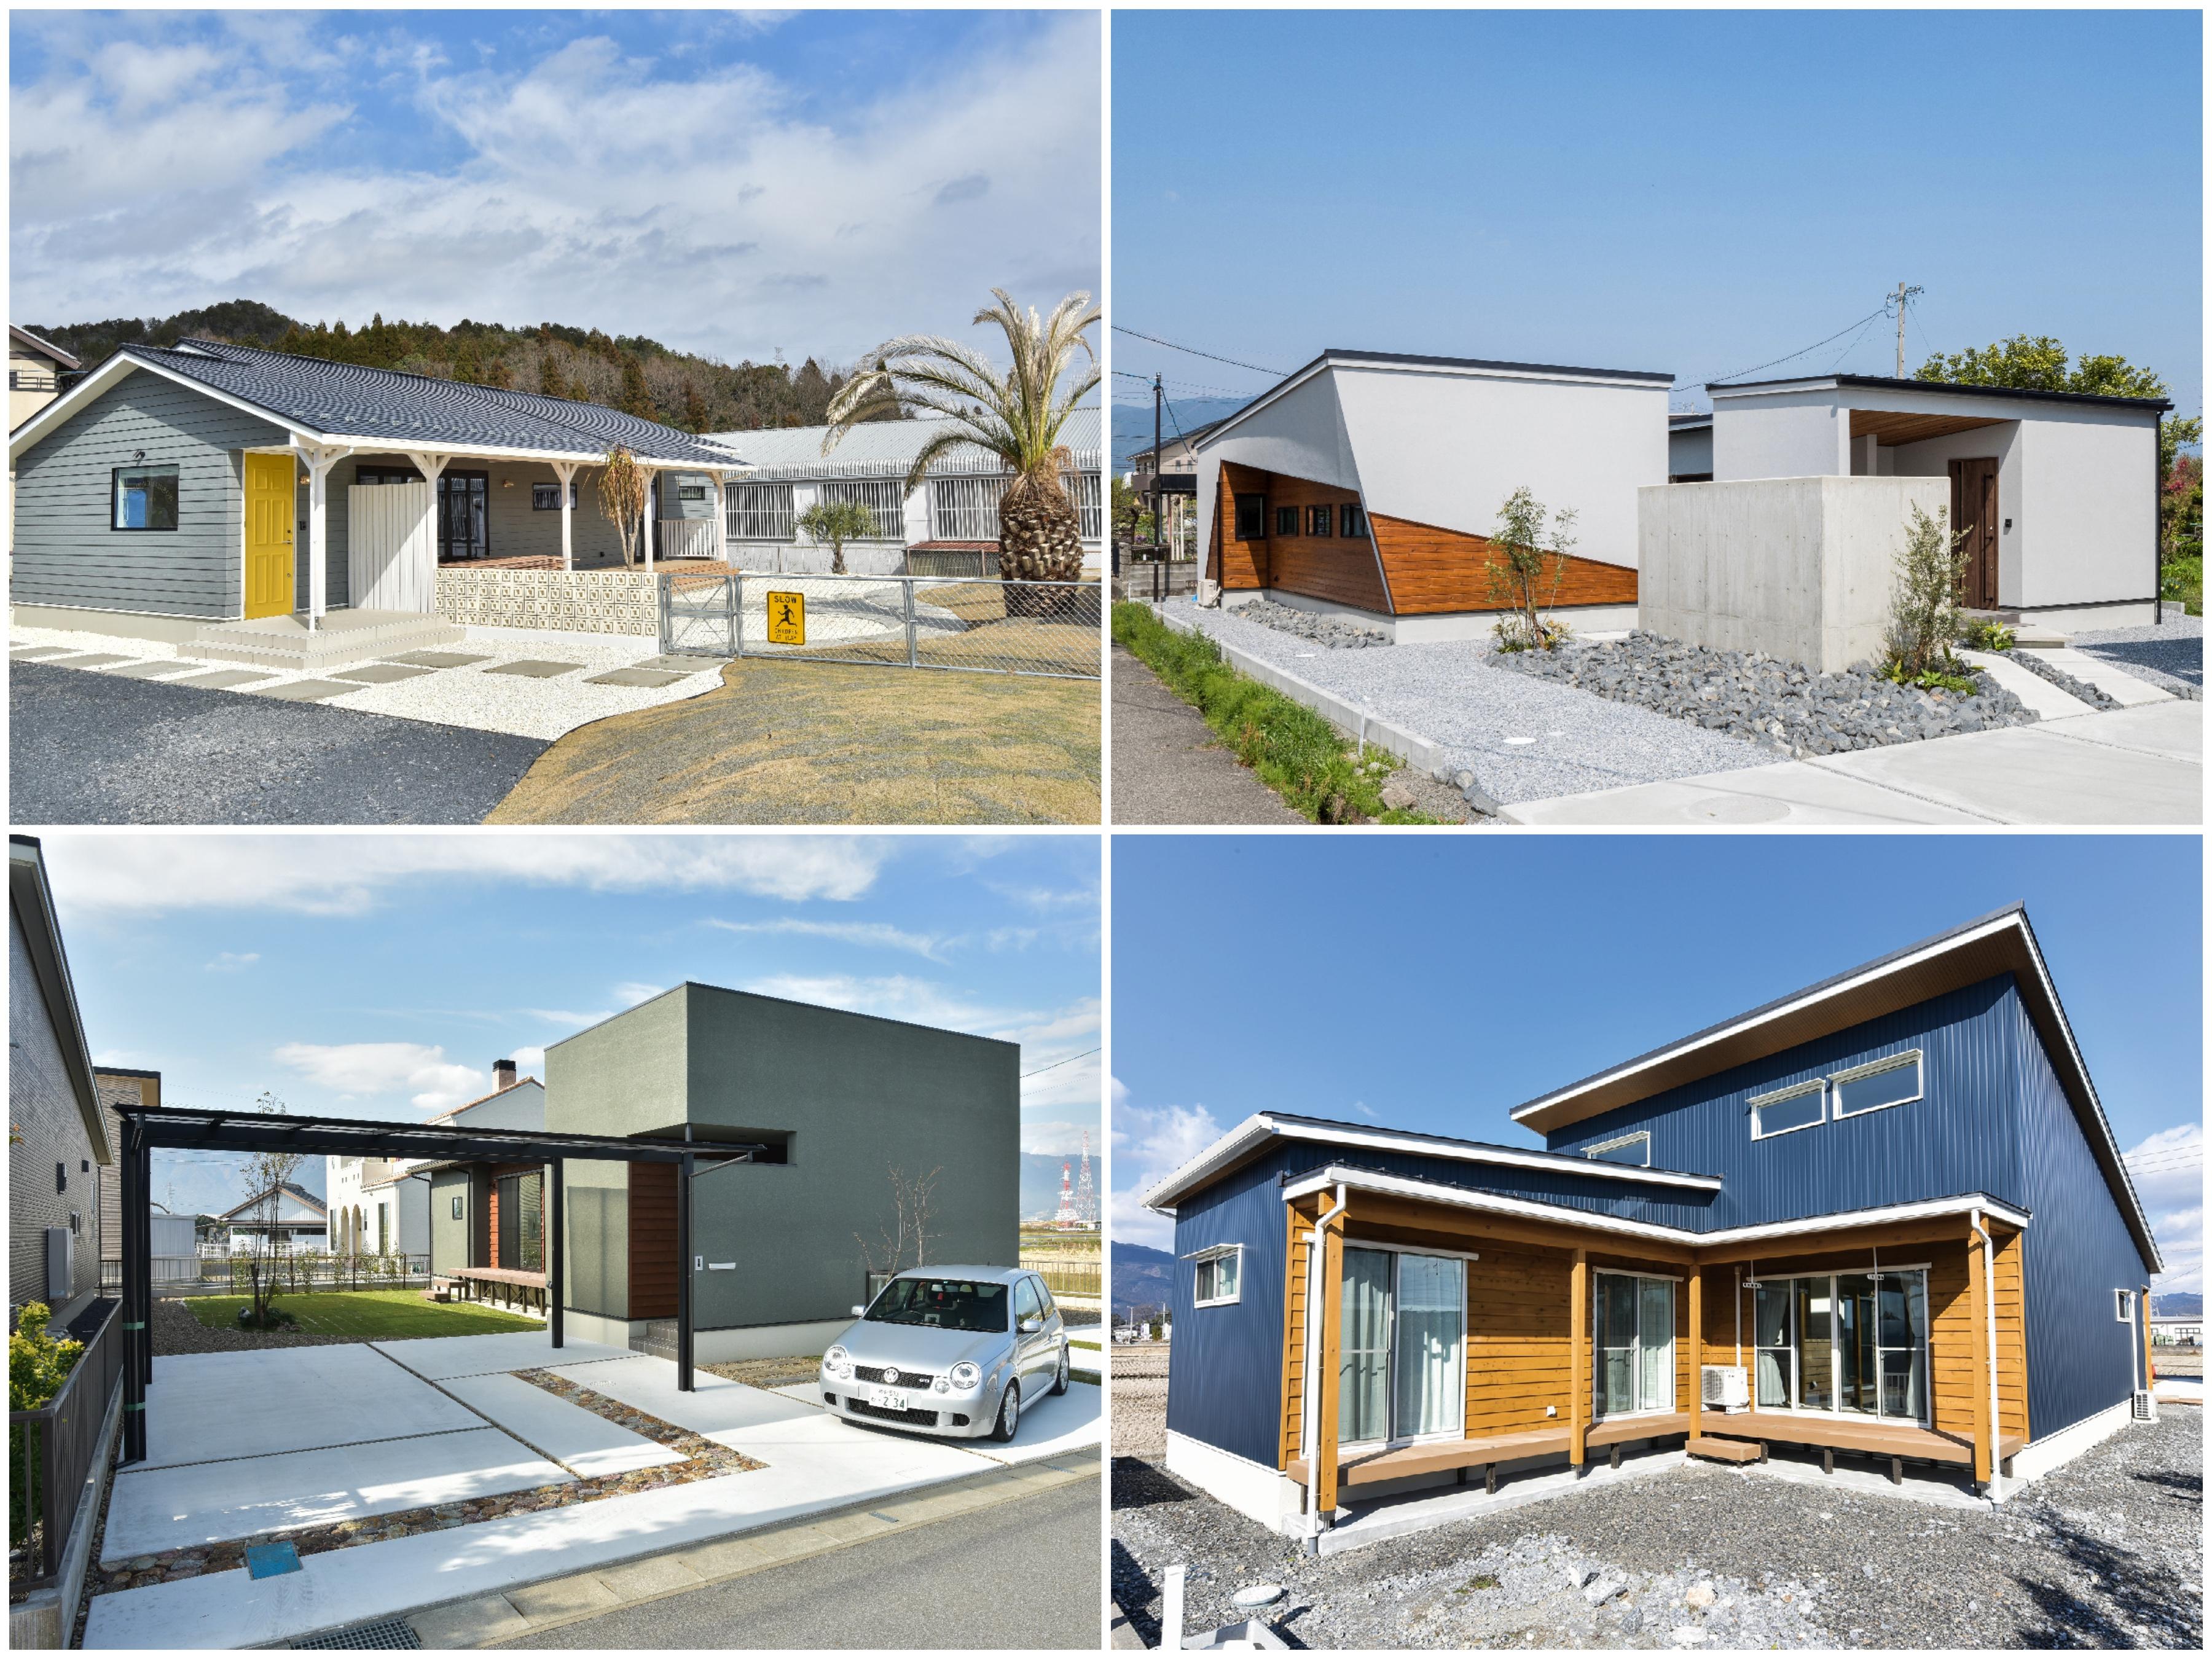 岐阜で平屋を建てるなら?土地の選び方、空間のメリットから岐阜県で平屋を建てる魅力を考察